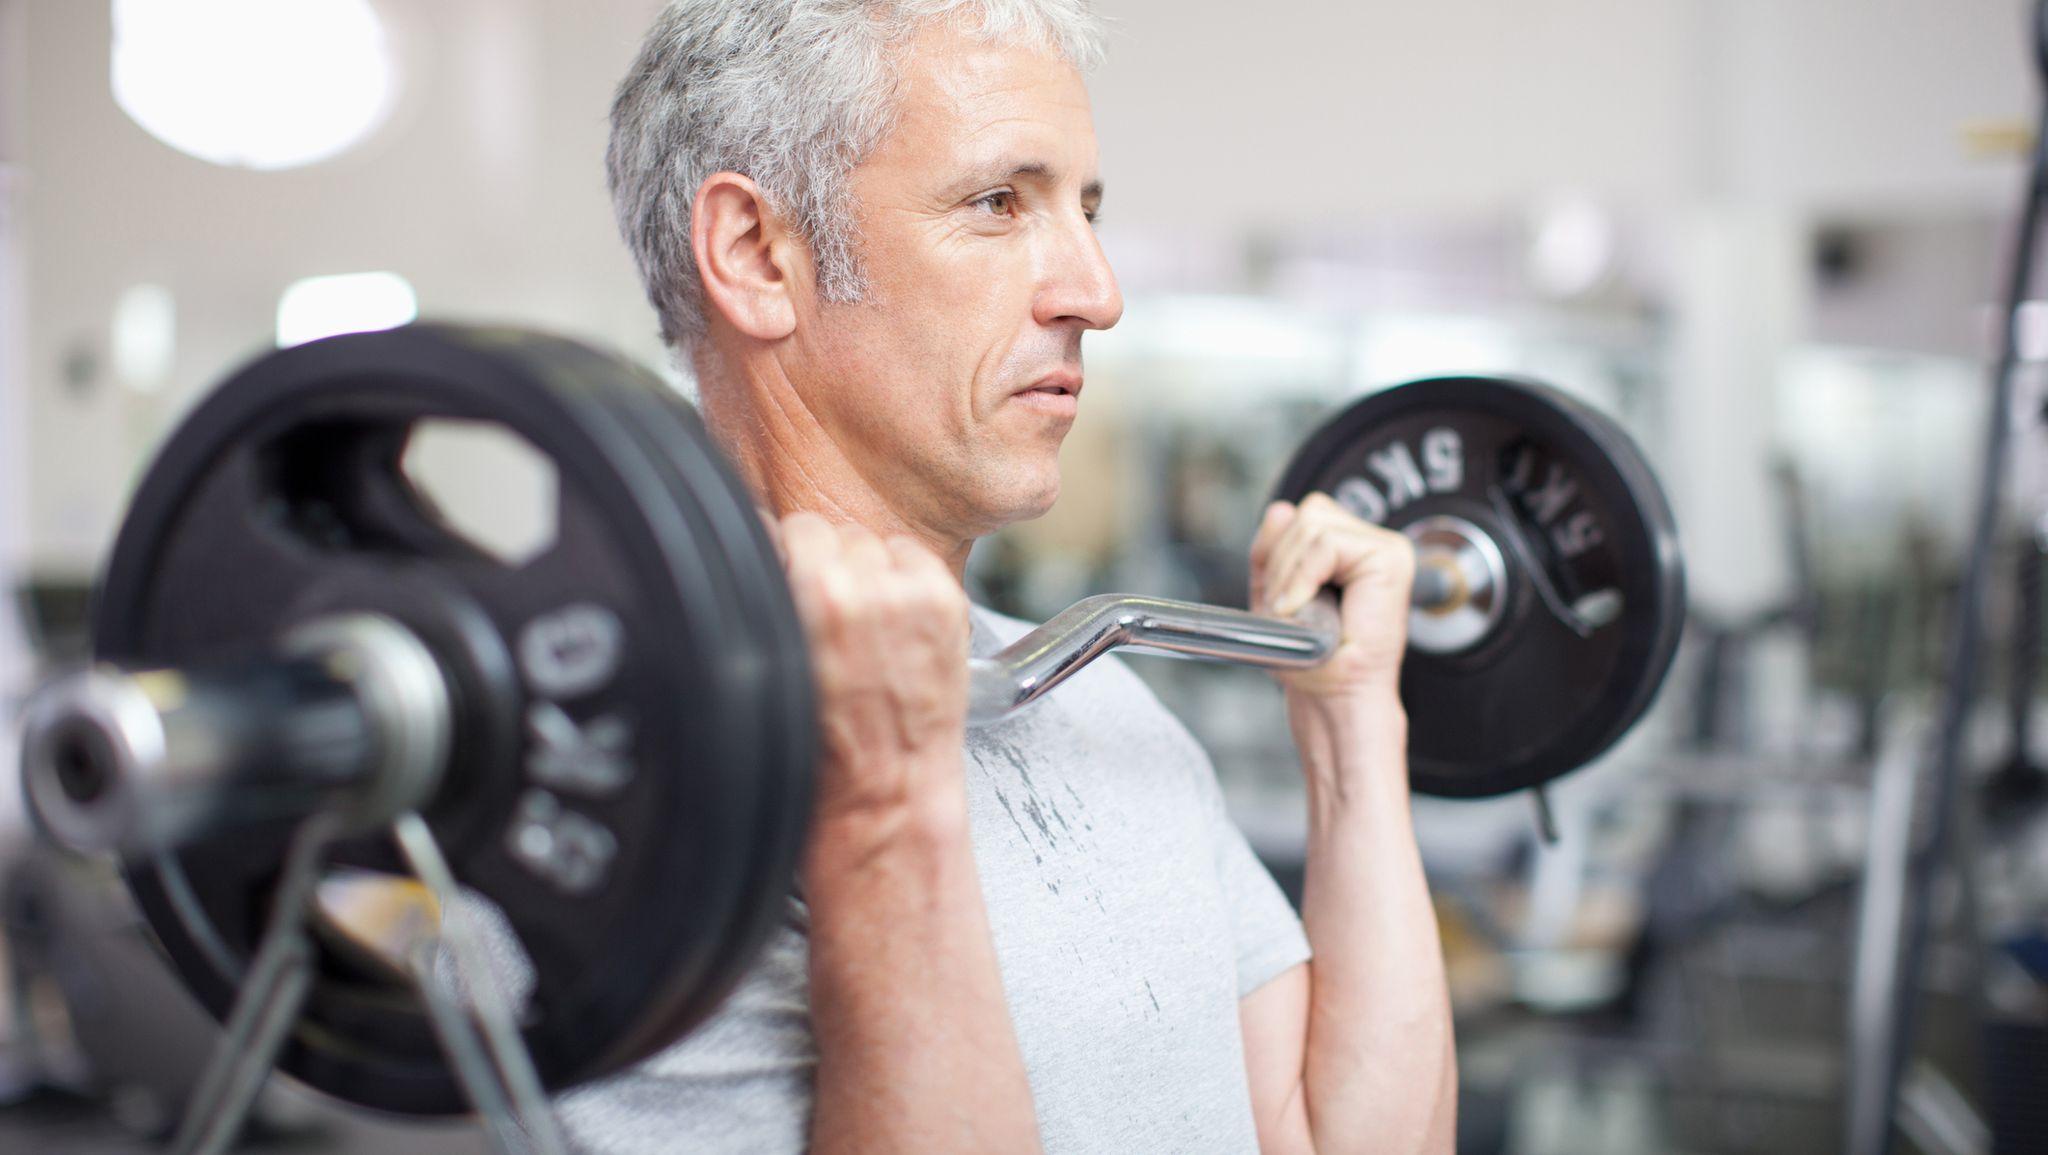 Diez formas para perder peso después de cumplir los 50